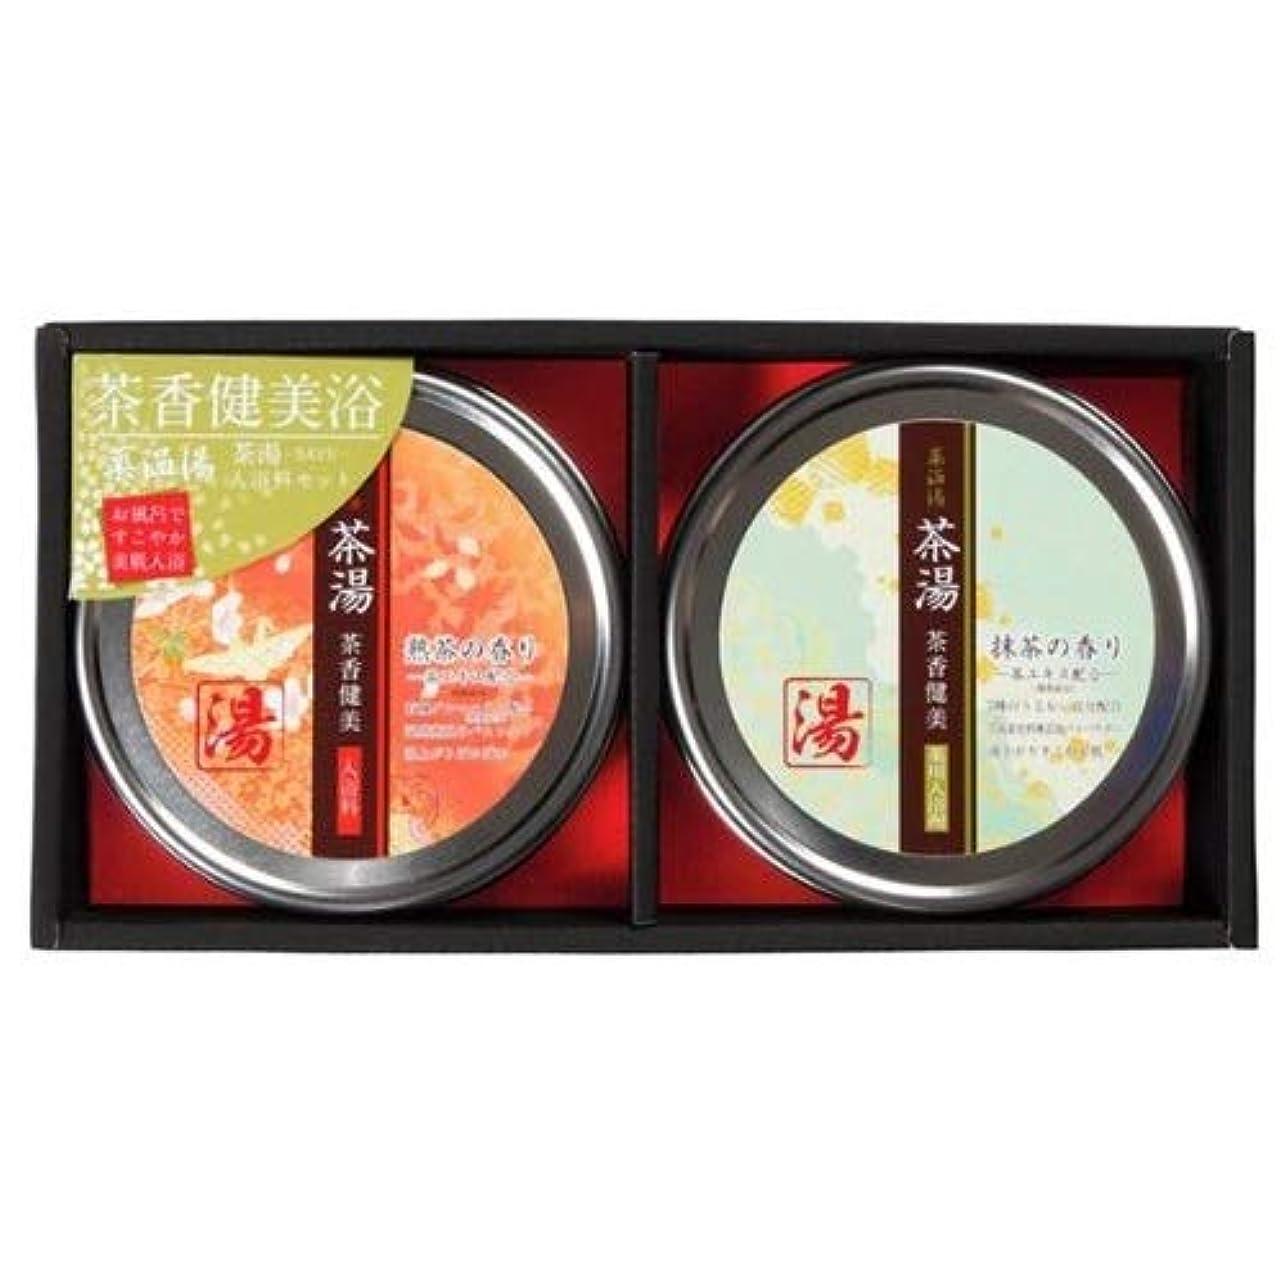 閉塞準拠ペレグリネーション薬温湯 茶湯ギフトセット POF-20